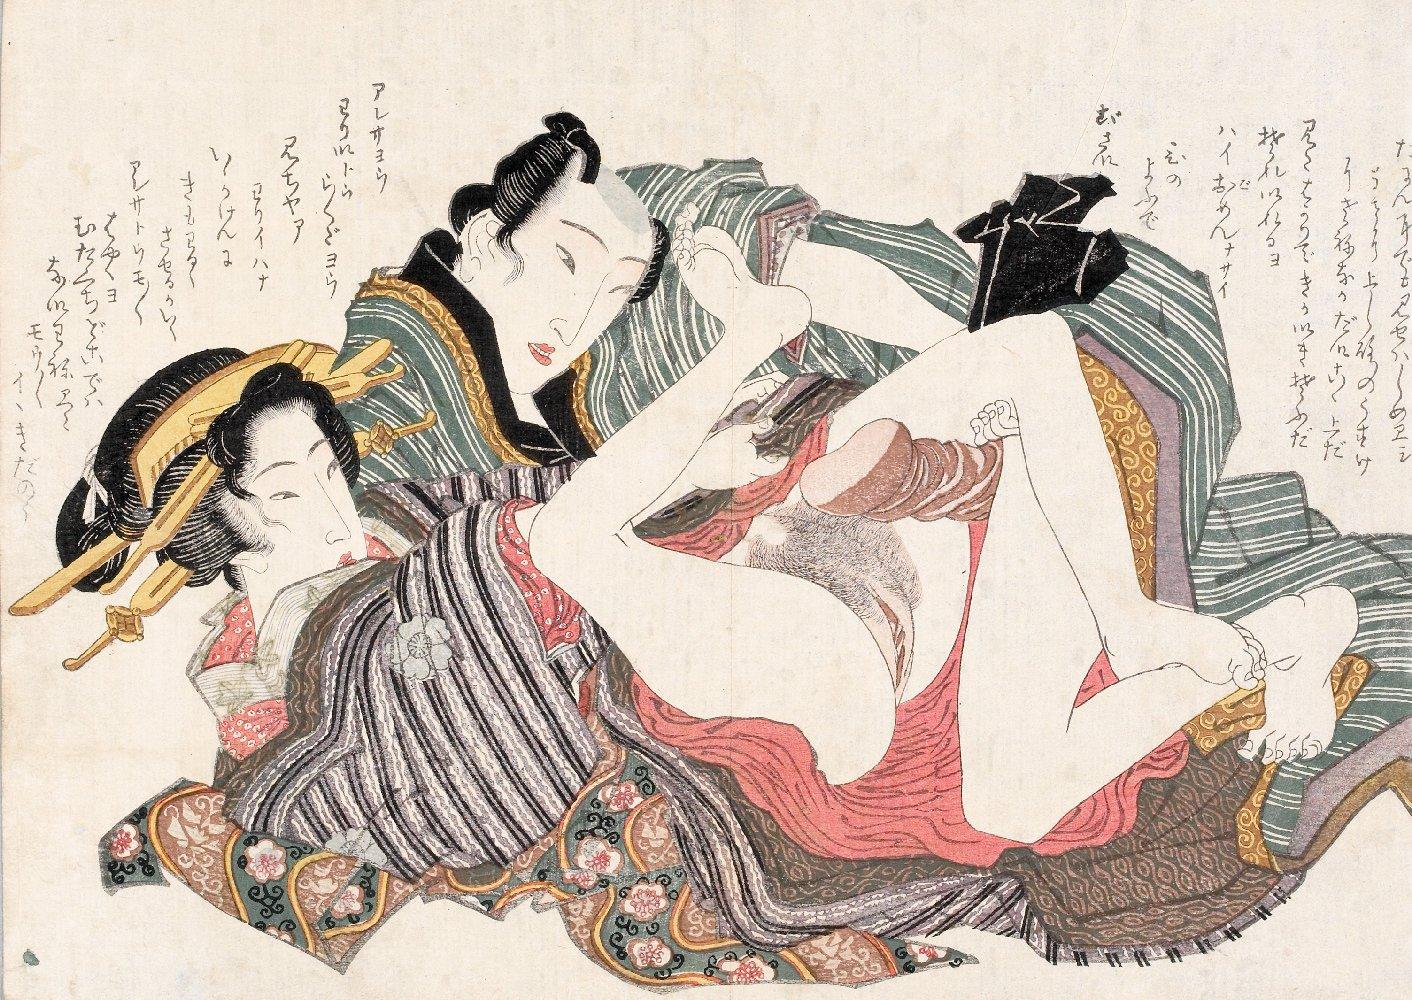 Japanese couple having sex from snapforsex 6